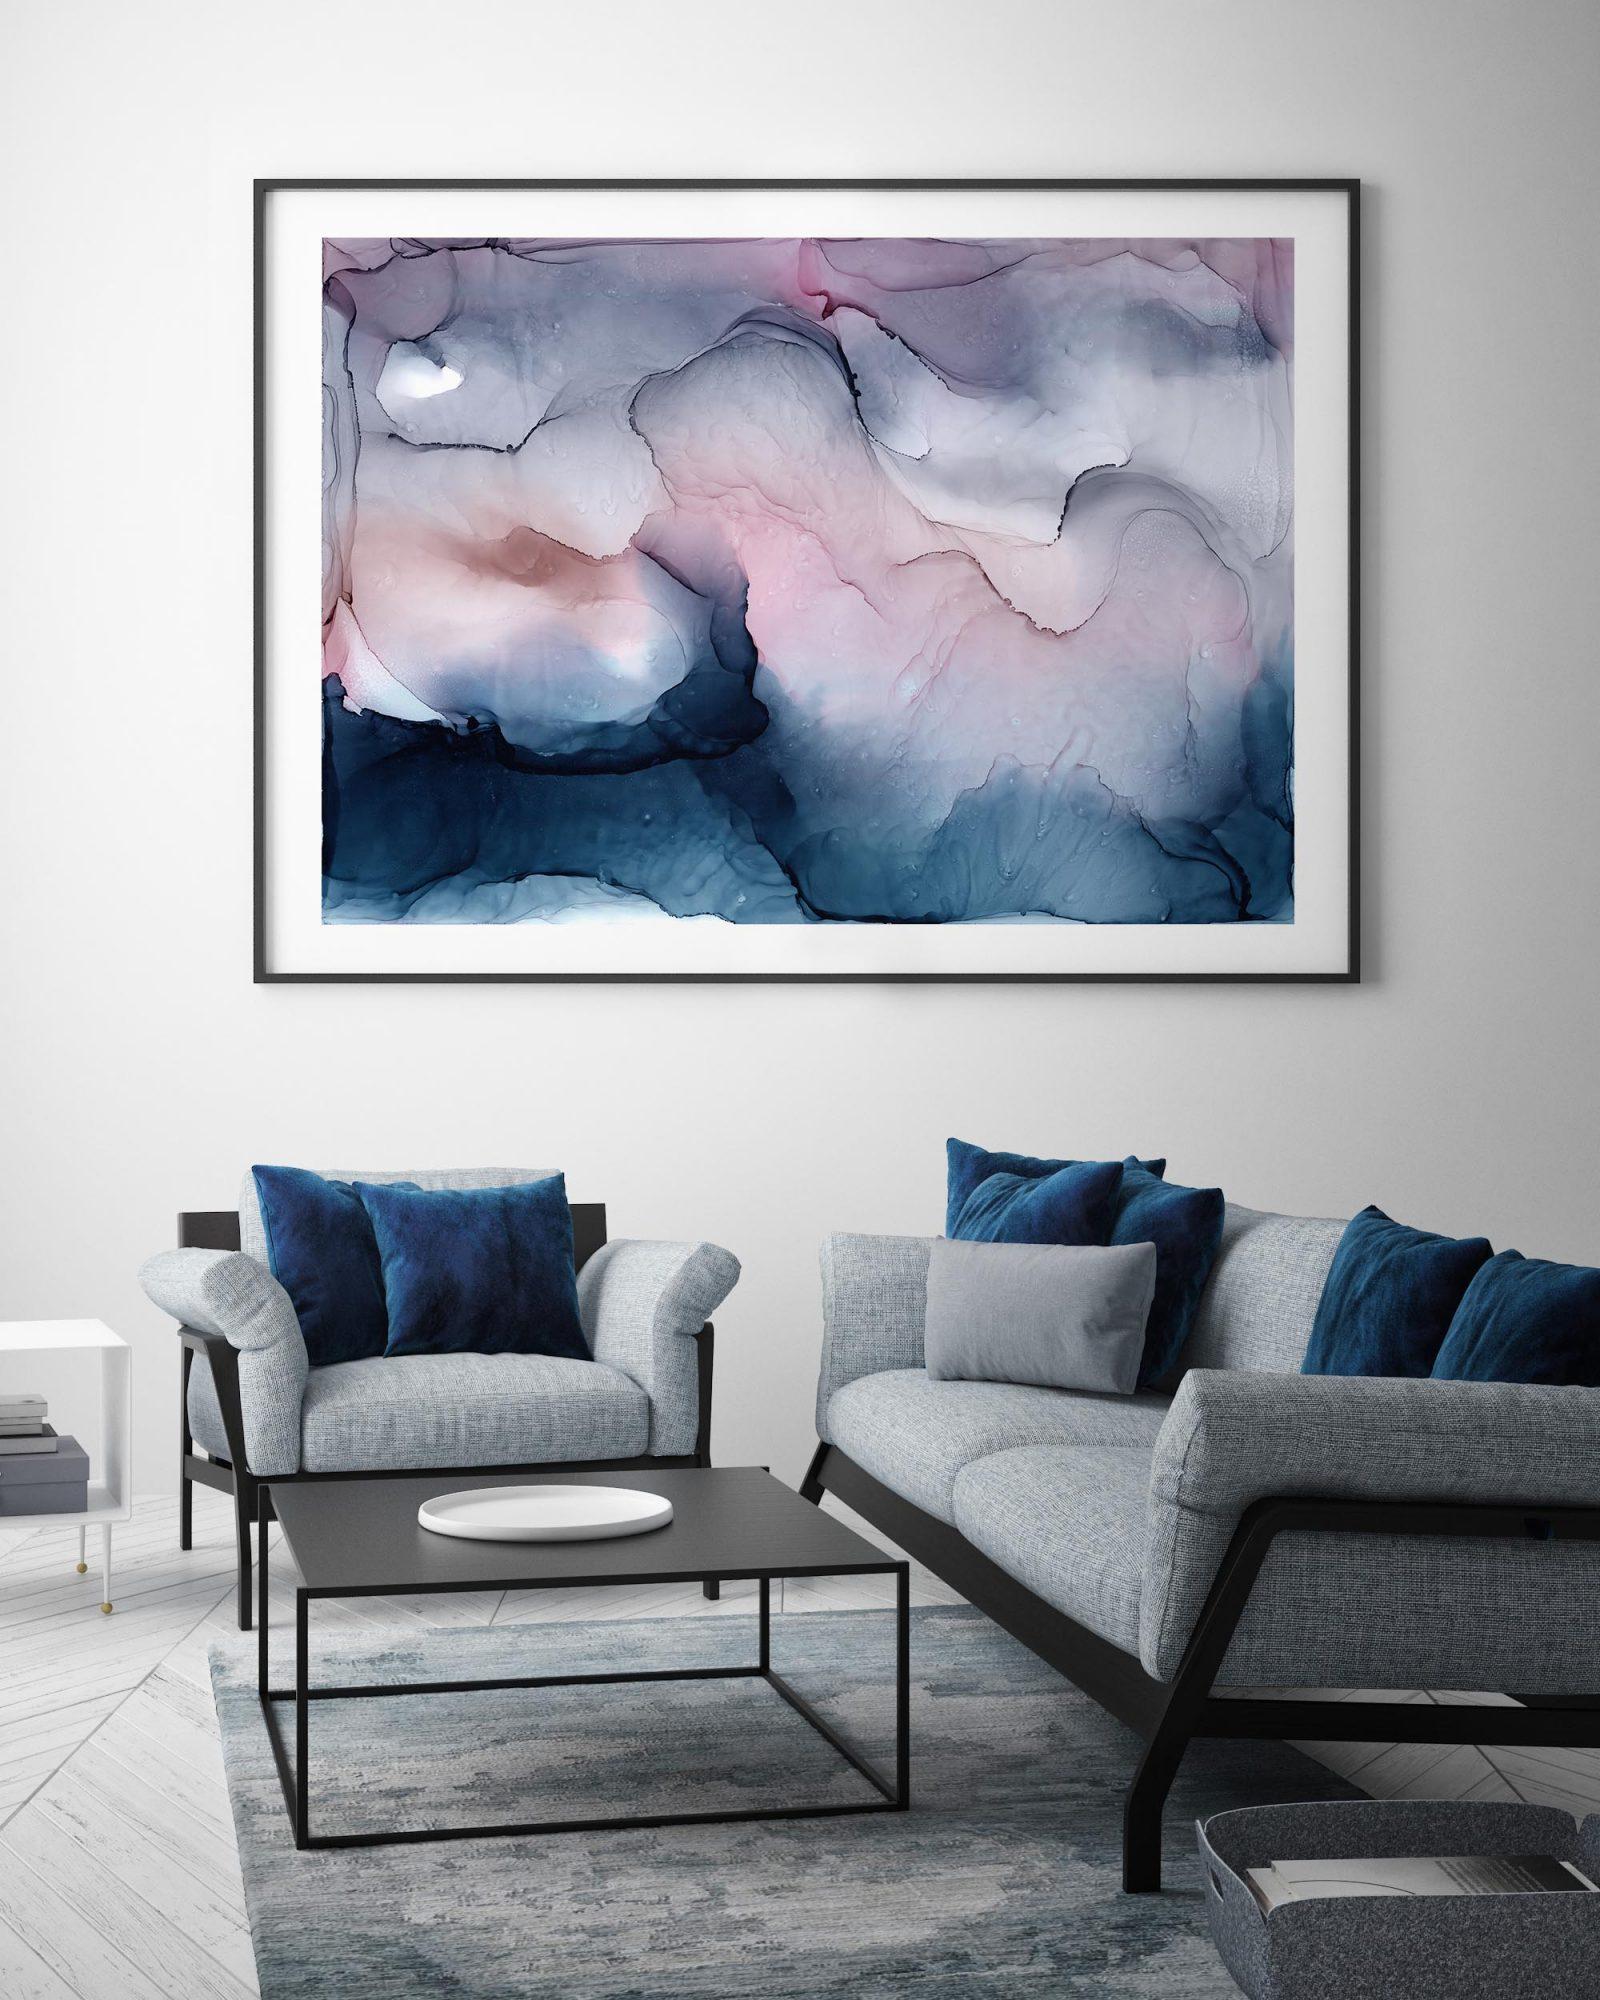 mock up poster frame in hipster interior background with indigo velvet details, scandinavian style, 3D render